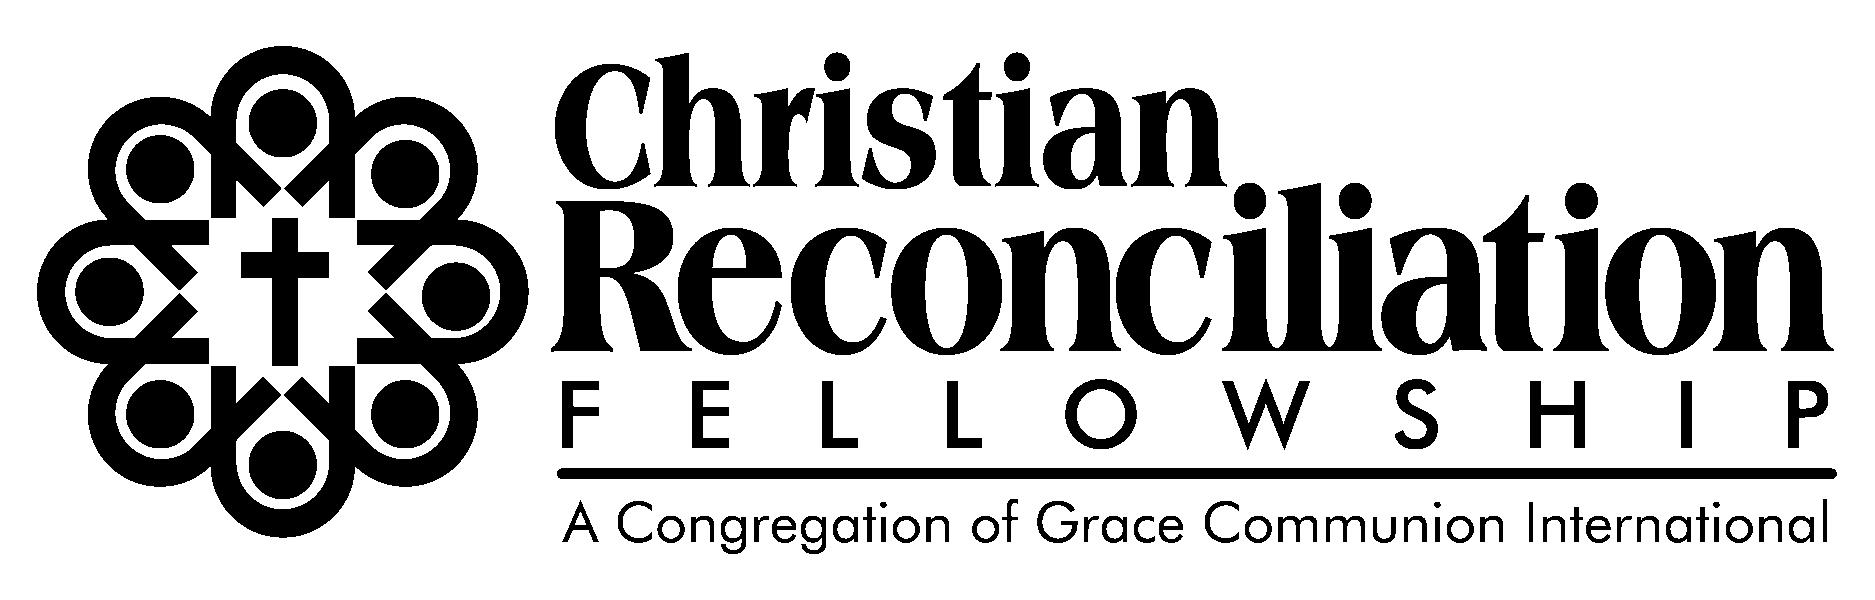 Christian Reconciliation Fellowship logo